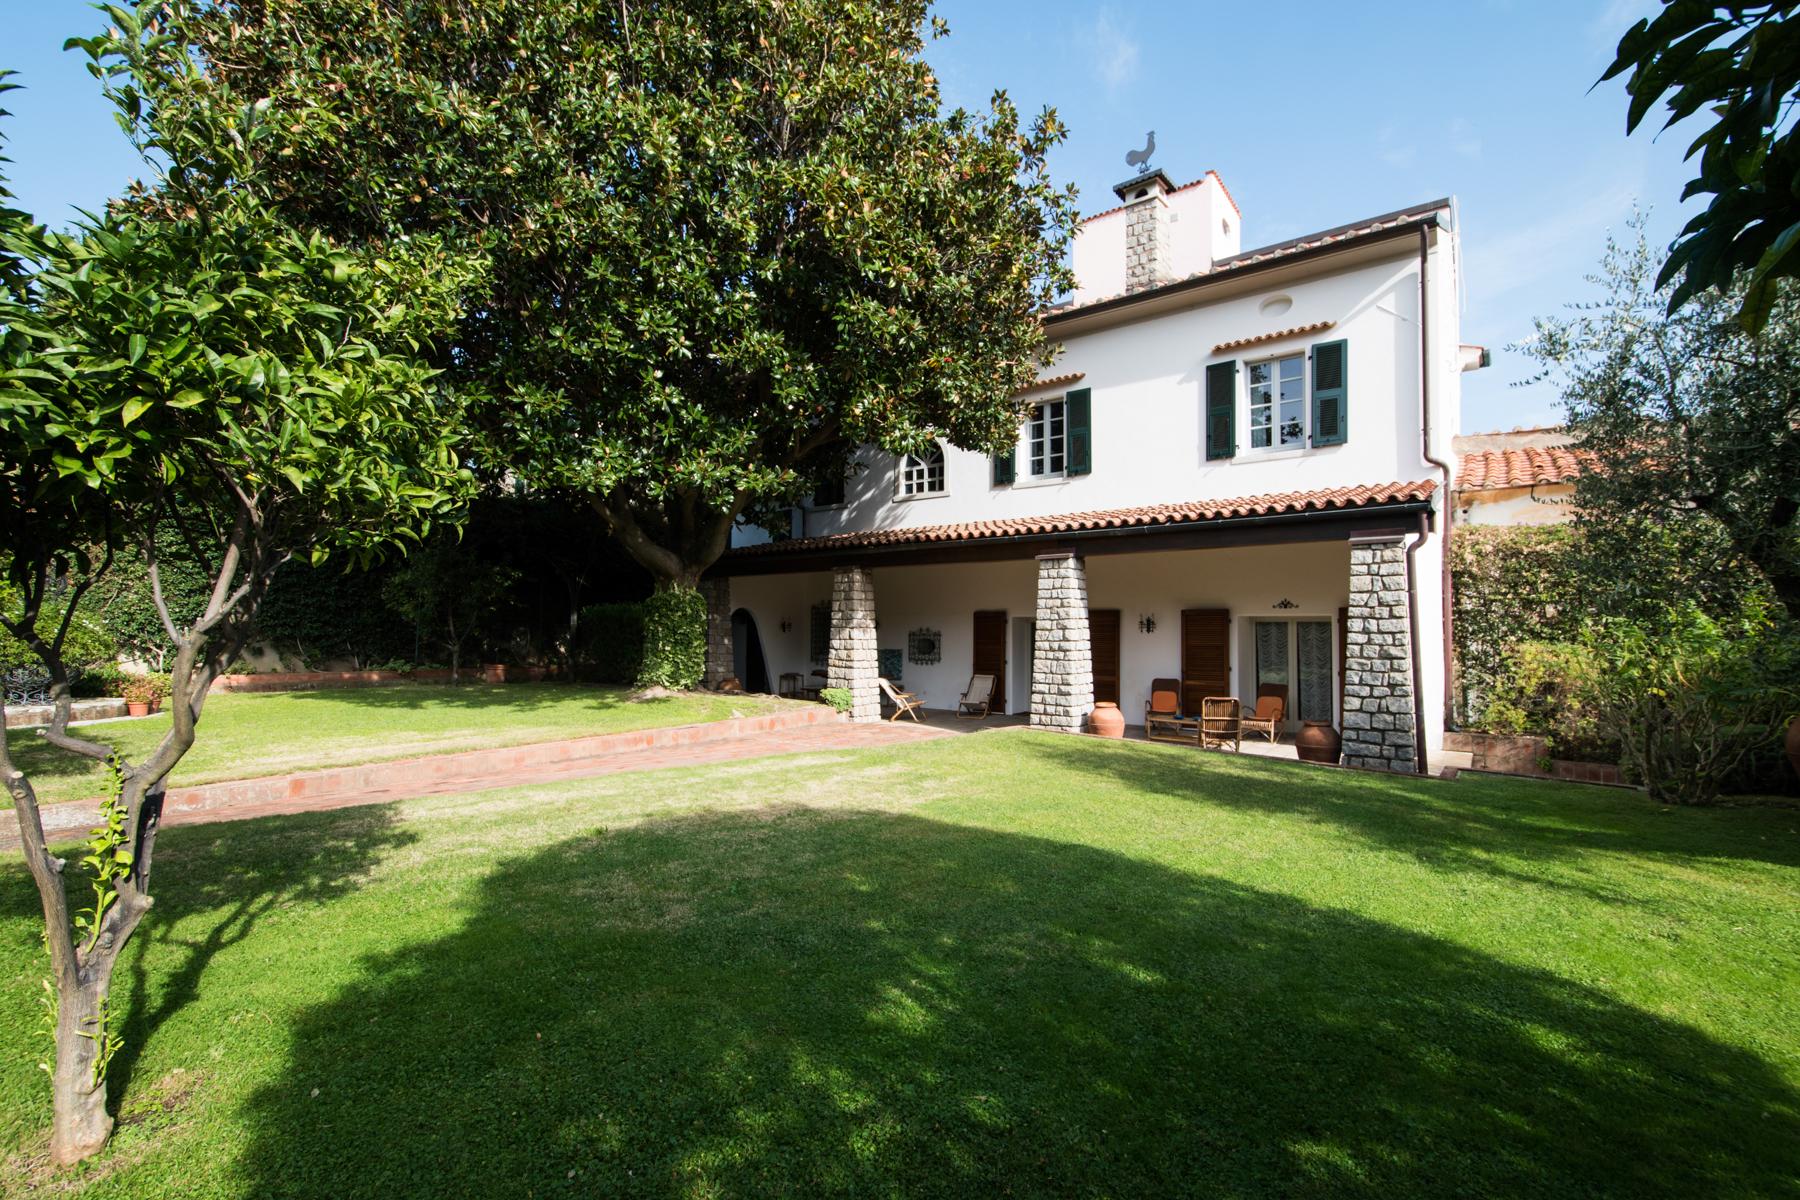 Single Family Home for Sale at Beautiful Napoleon-era mansion in Elba Marciana Marina Marciana Marina, 57033 Italy